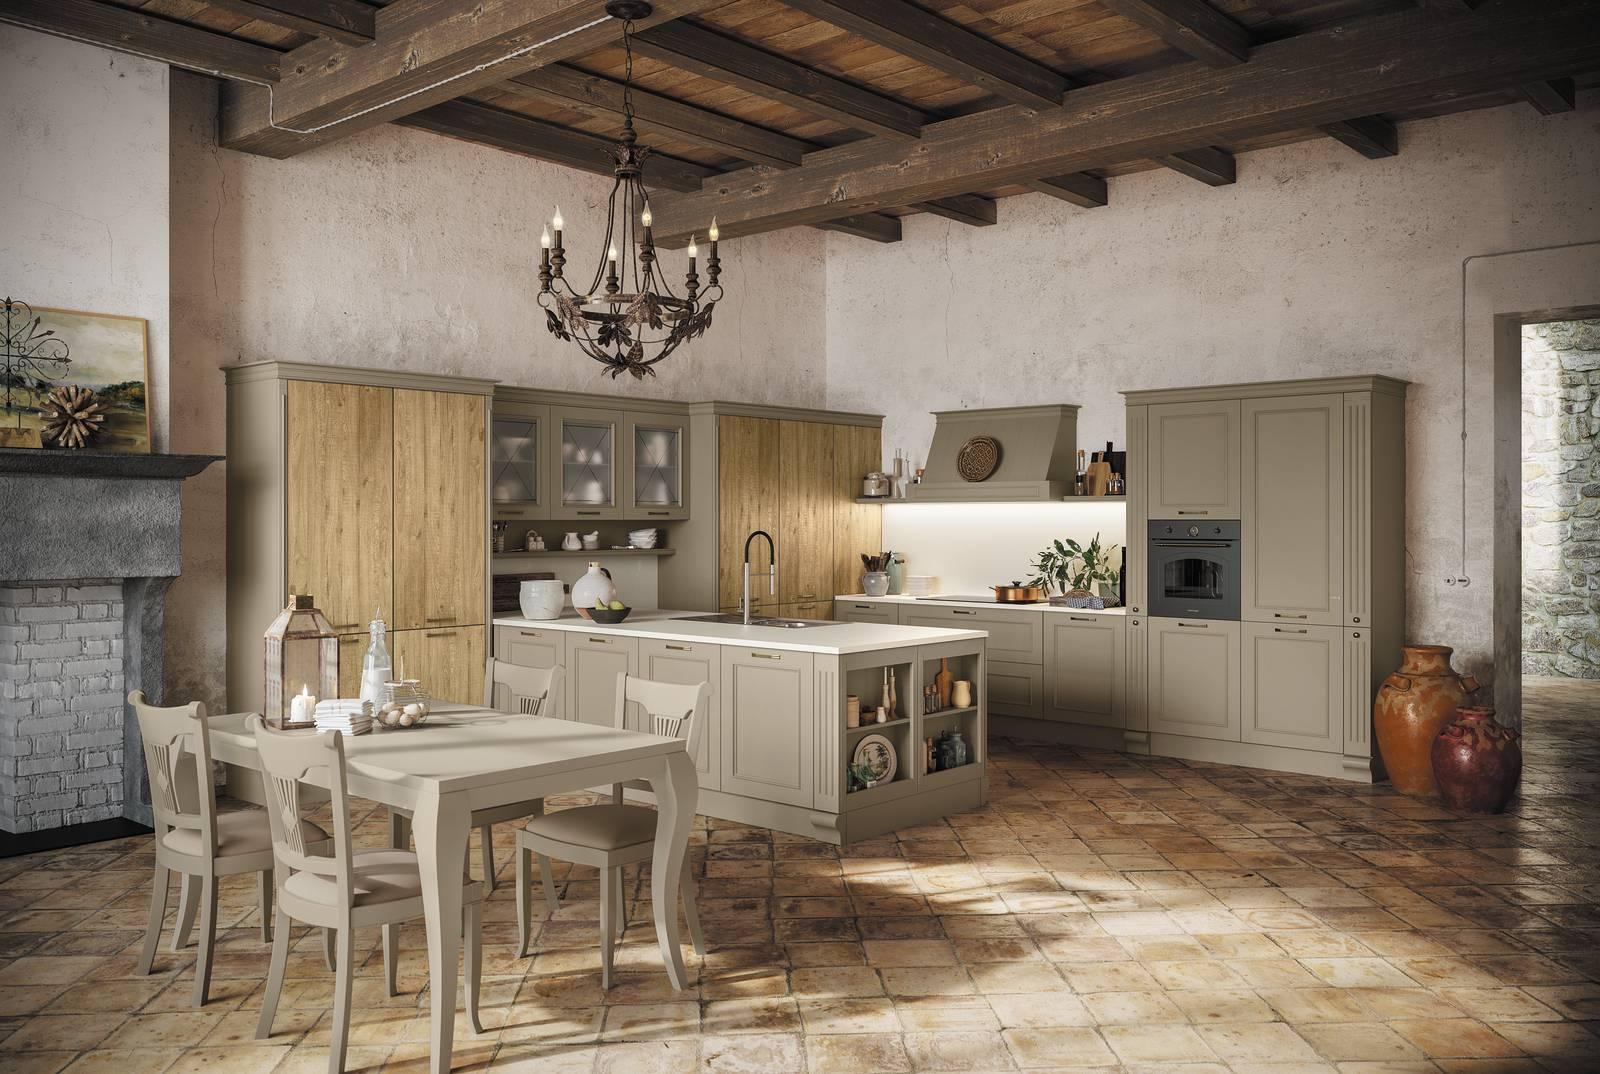 Cucine in stile country: 13 modelli in legno o in laccato ...